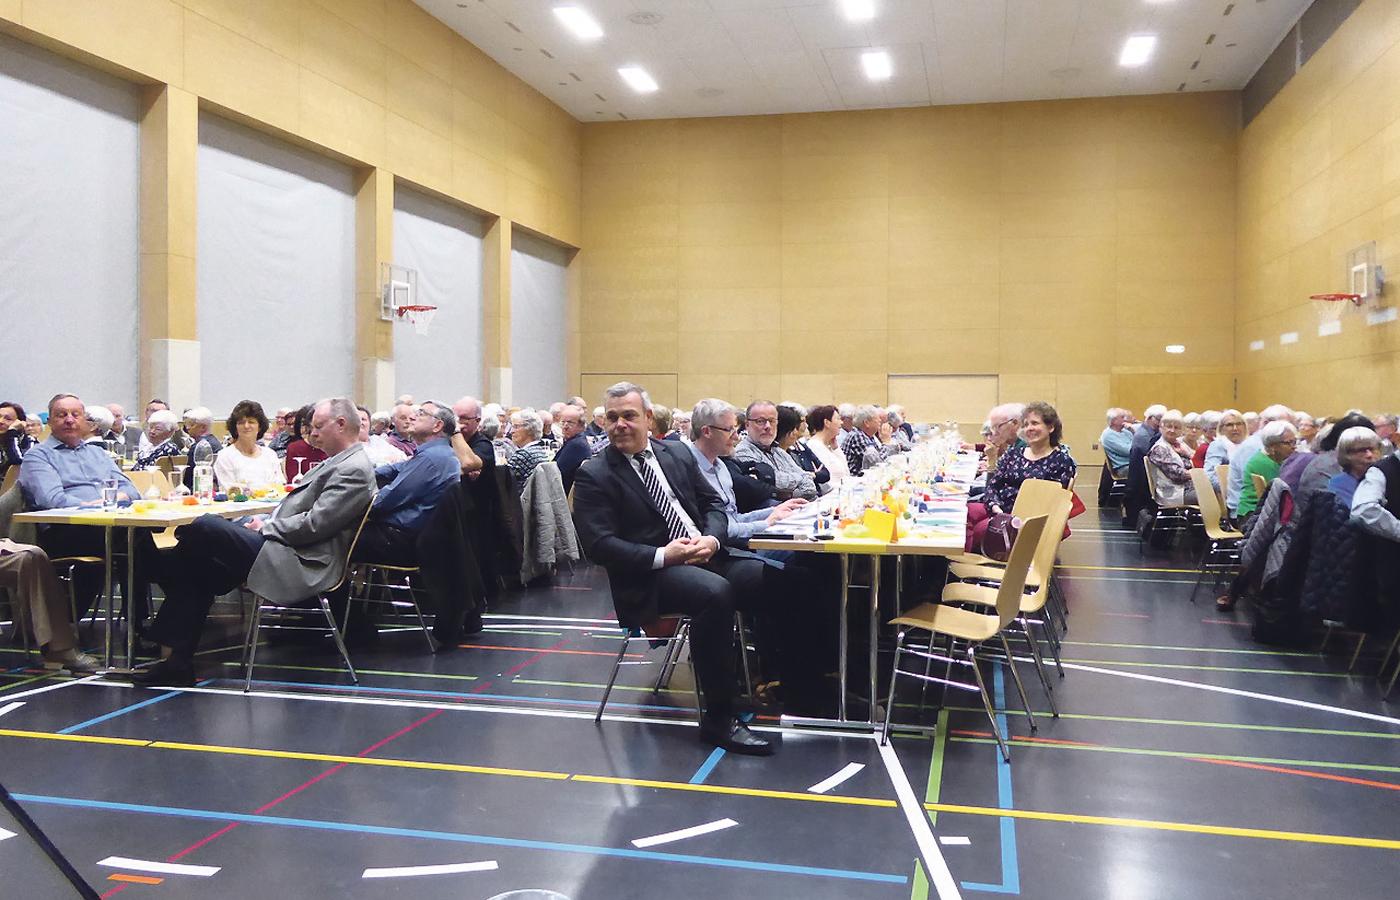 Mitgliederversammlung-des-Aktiven-Alters-Adligenswil